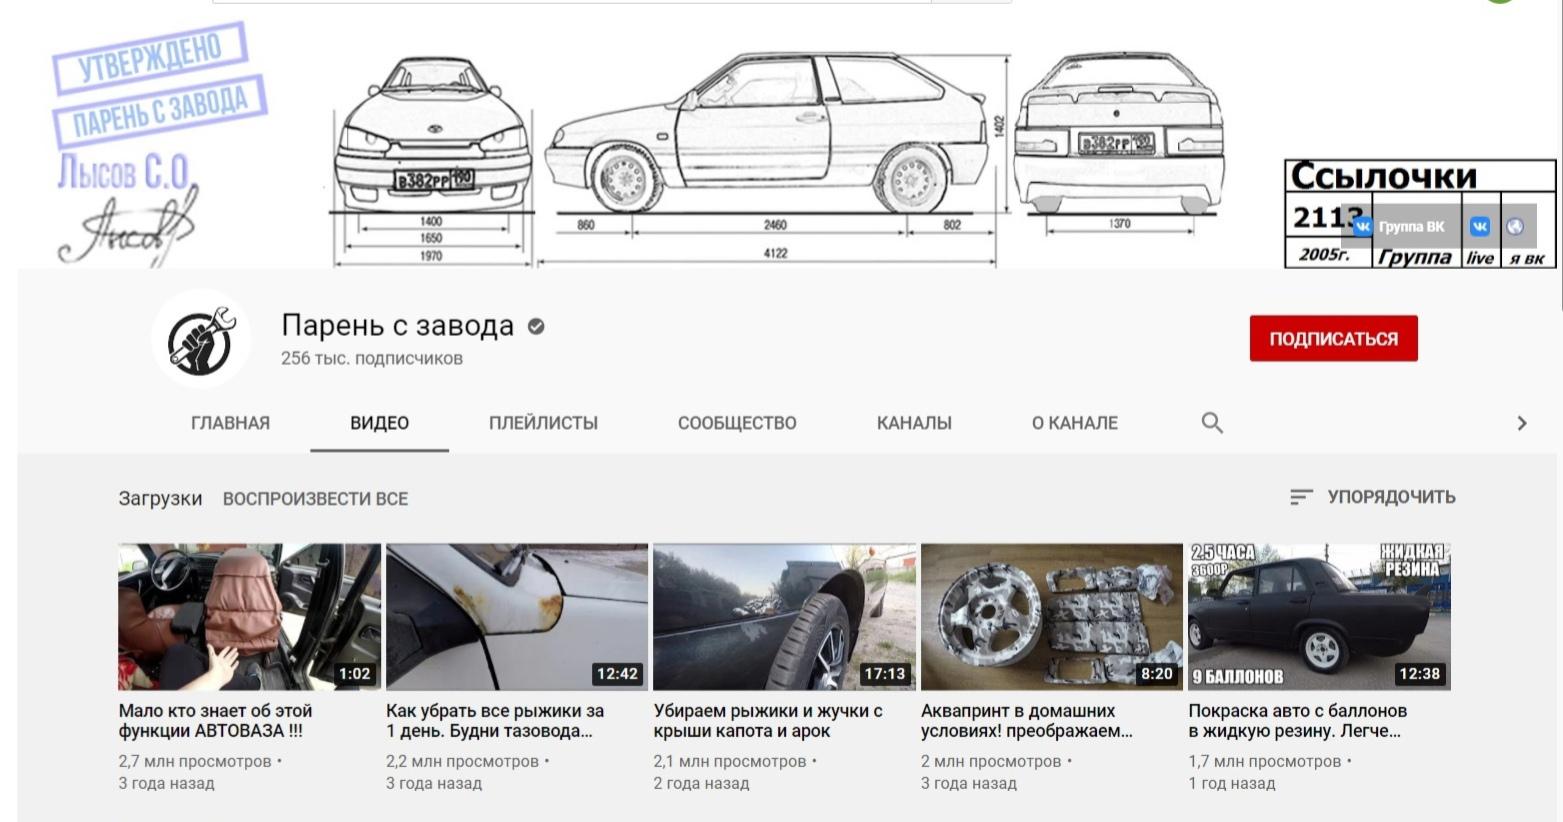 """Блогер """"Парень с завода"""" совершил прорыв в мире автотехники"""